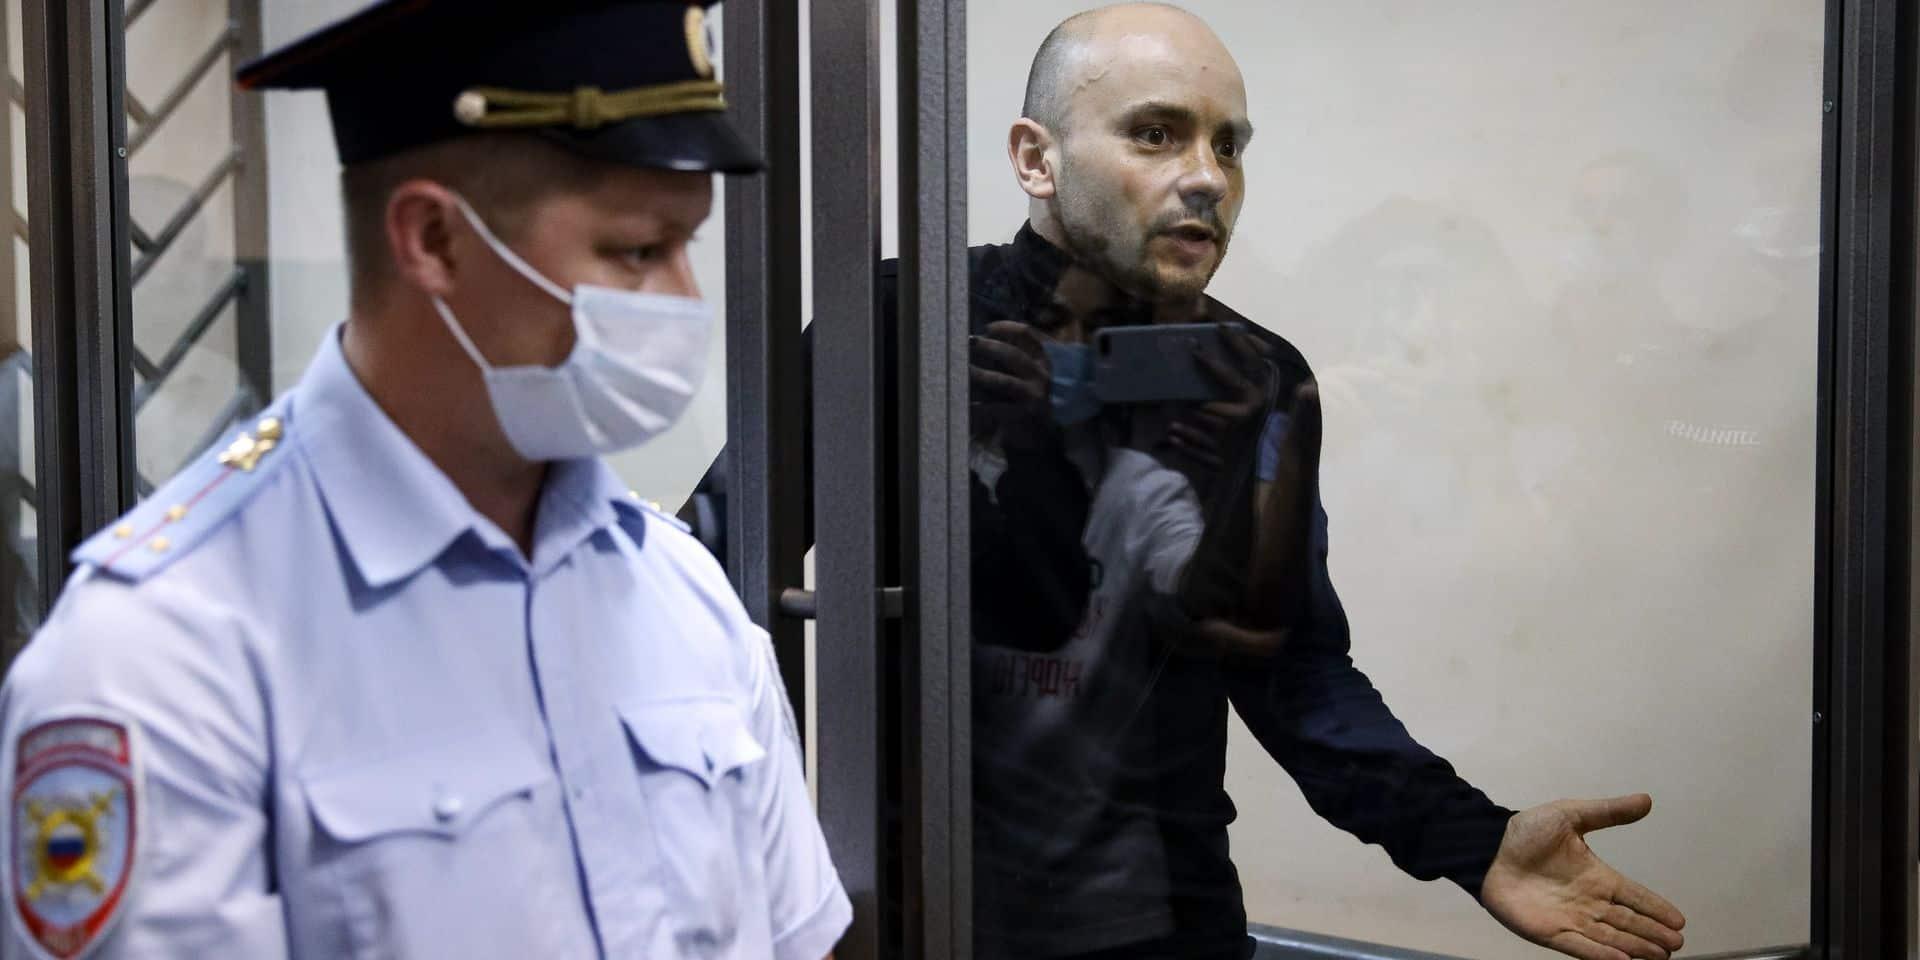 """L'opposant russe Pivovarov placé en détention provisoire : """"Un prétexte pour l'empêcher de participer aux élections"""""""